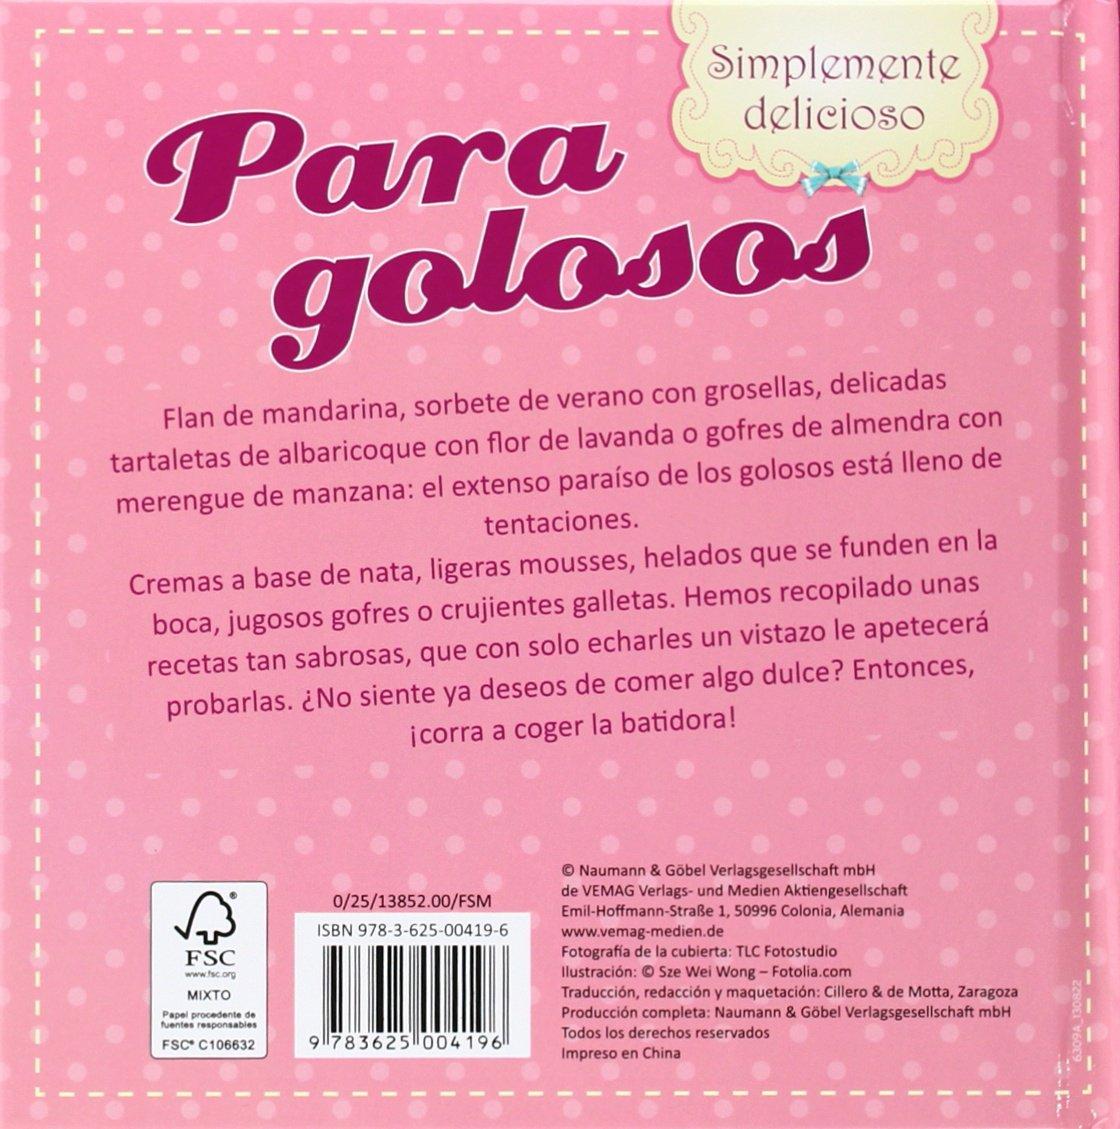 PARA GOLOSOS:SIMPLEMENTE DELICIOSOS: VARIOS(004196): 9783625004196: Amazon.com: Books